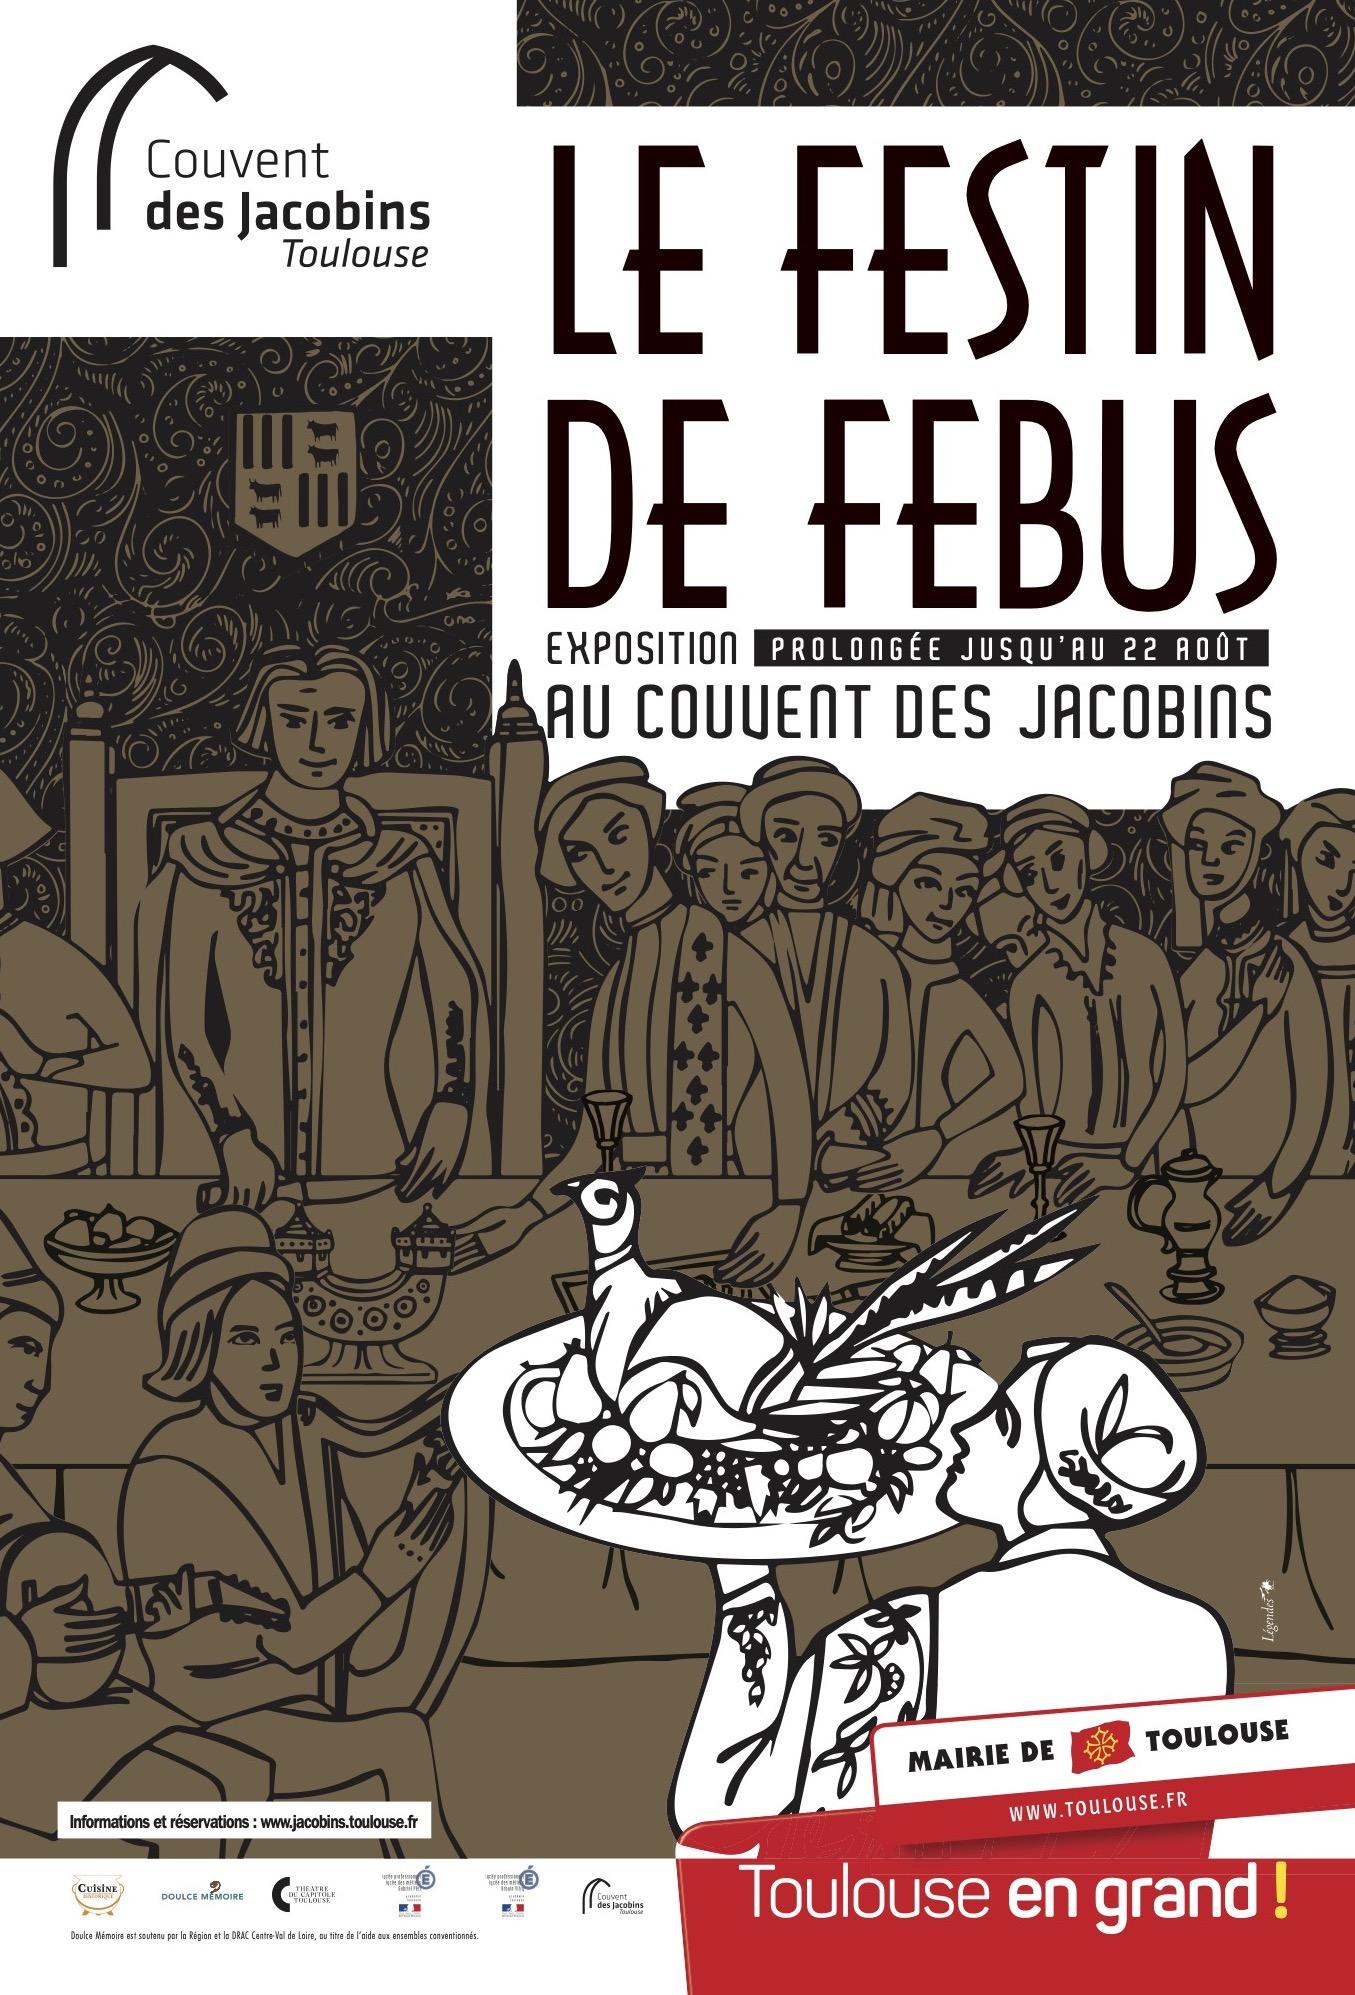 Couvent Des Jacobins Festin De Febus